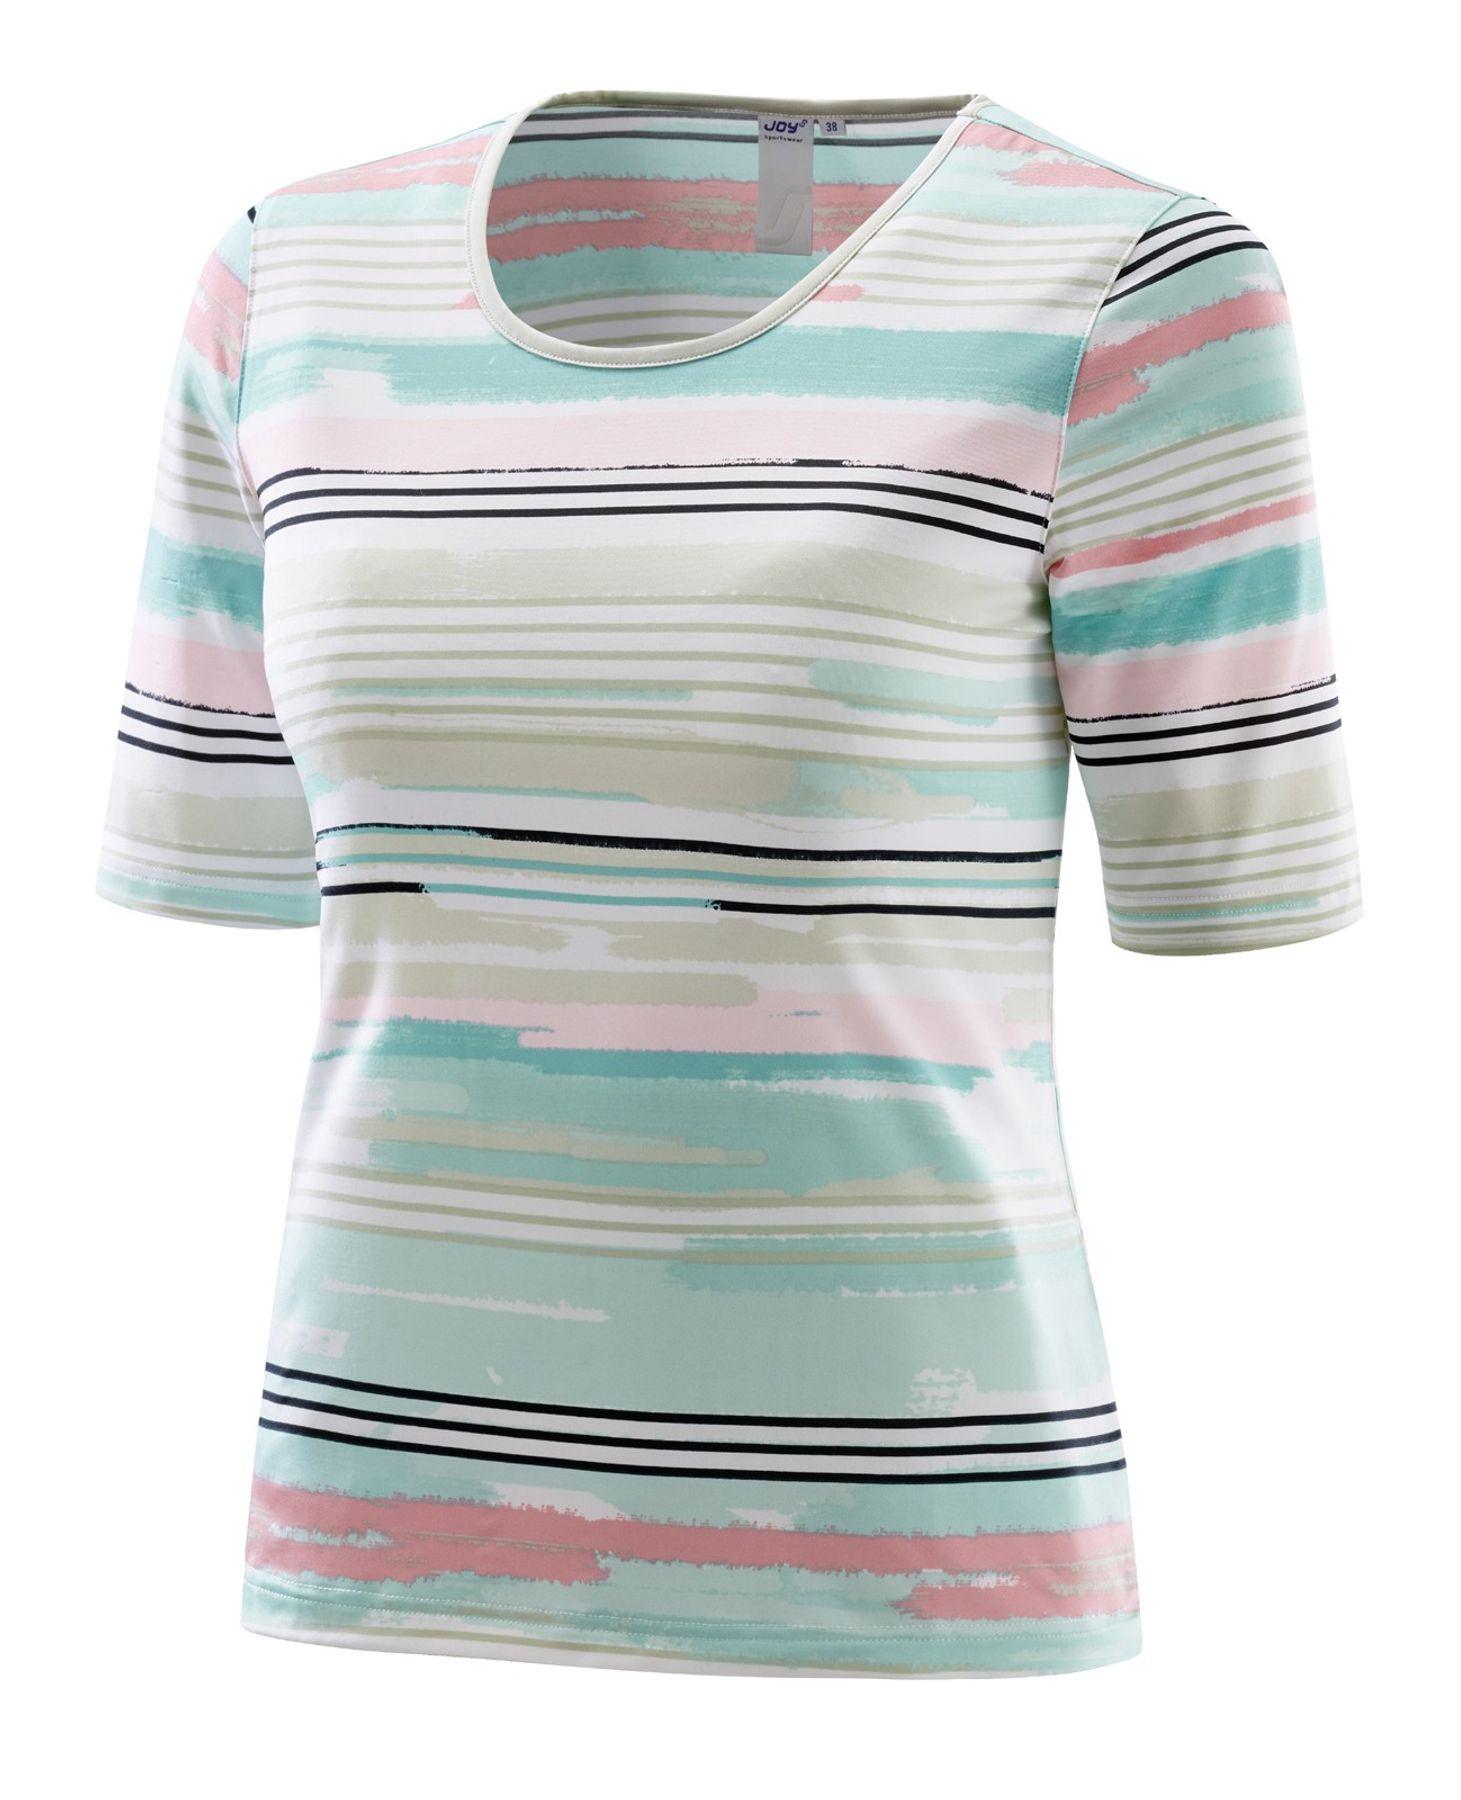 Joy - Damen Sport und Freizeit Shirt mit Streifen-Alloverprint, Alessa (30170) – Bild 2